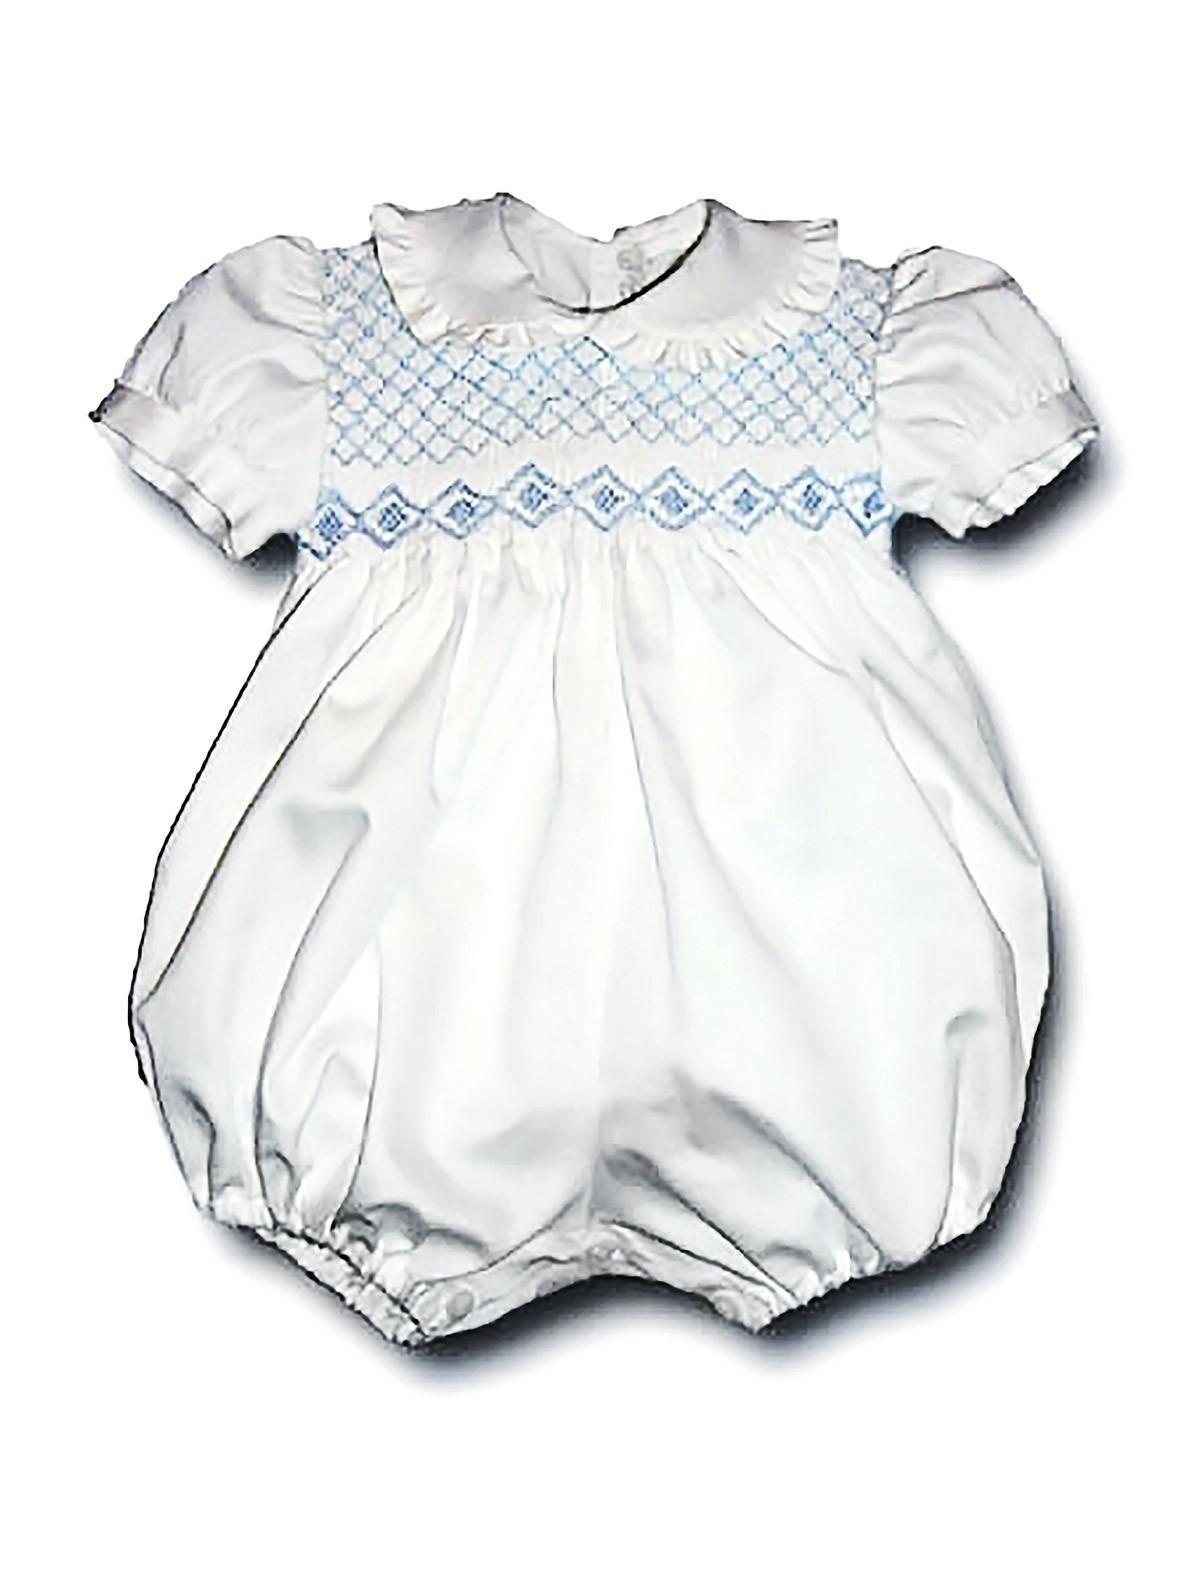 Pagliaccetto neonato smock Zafferano